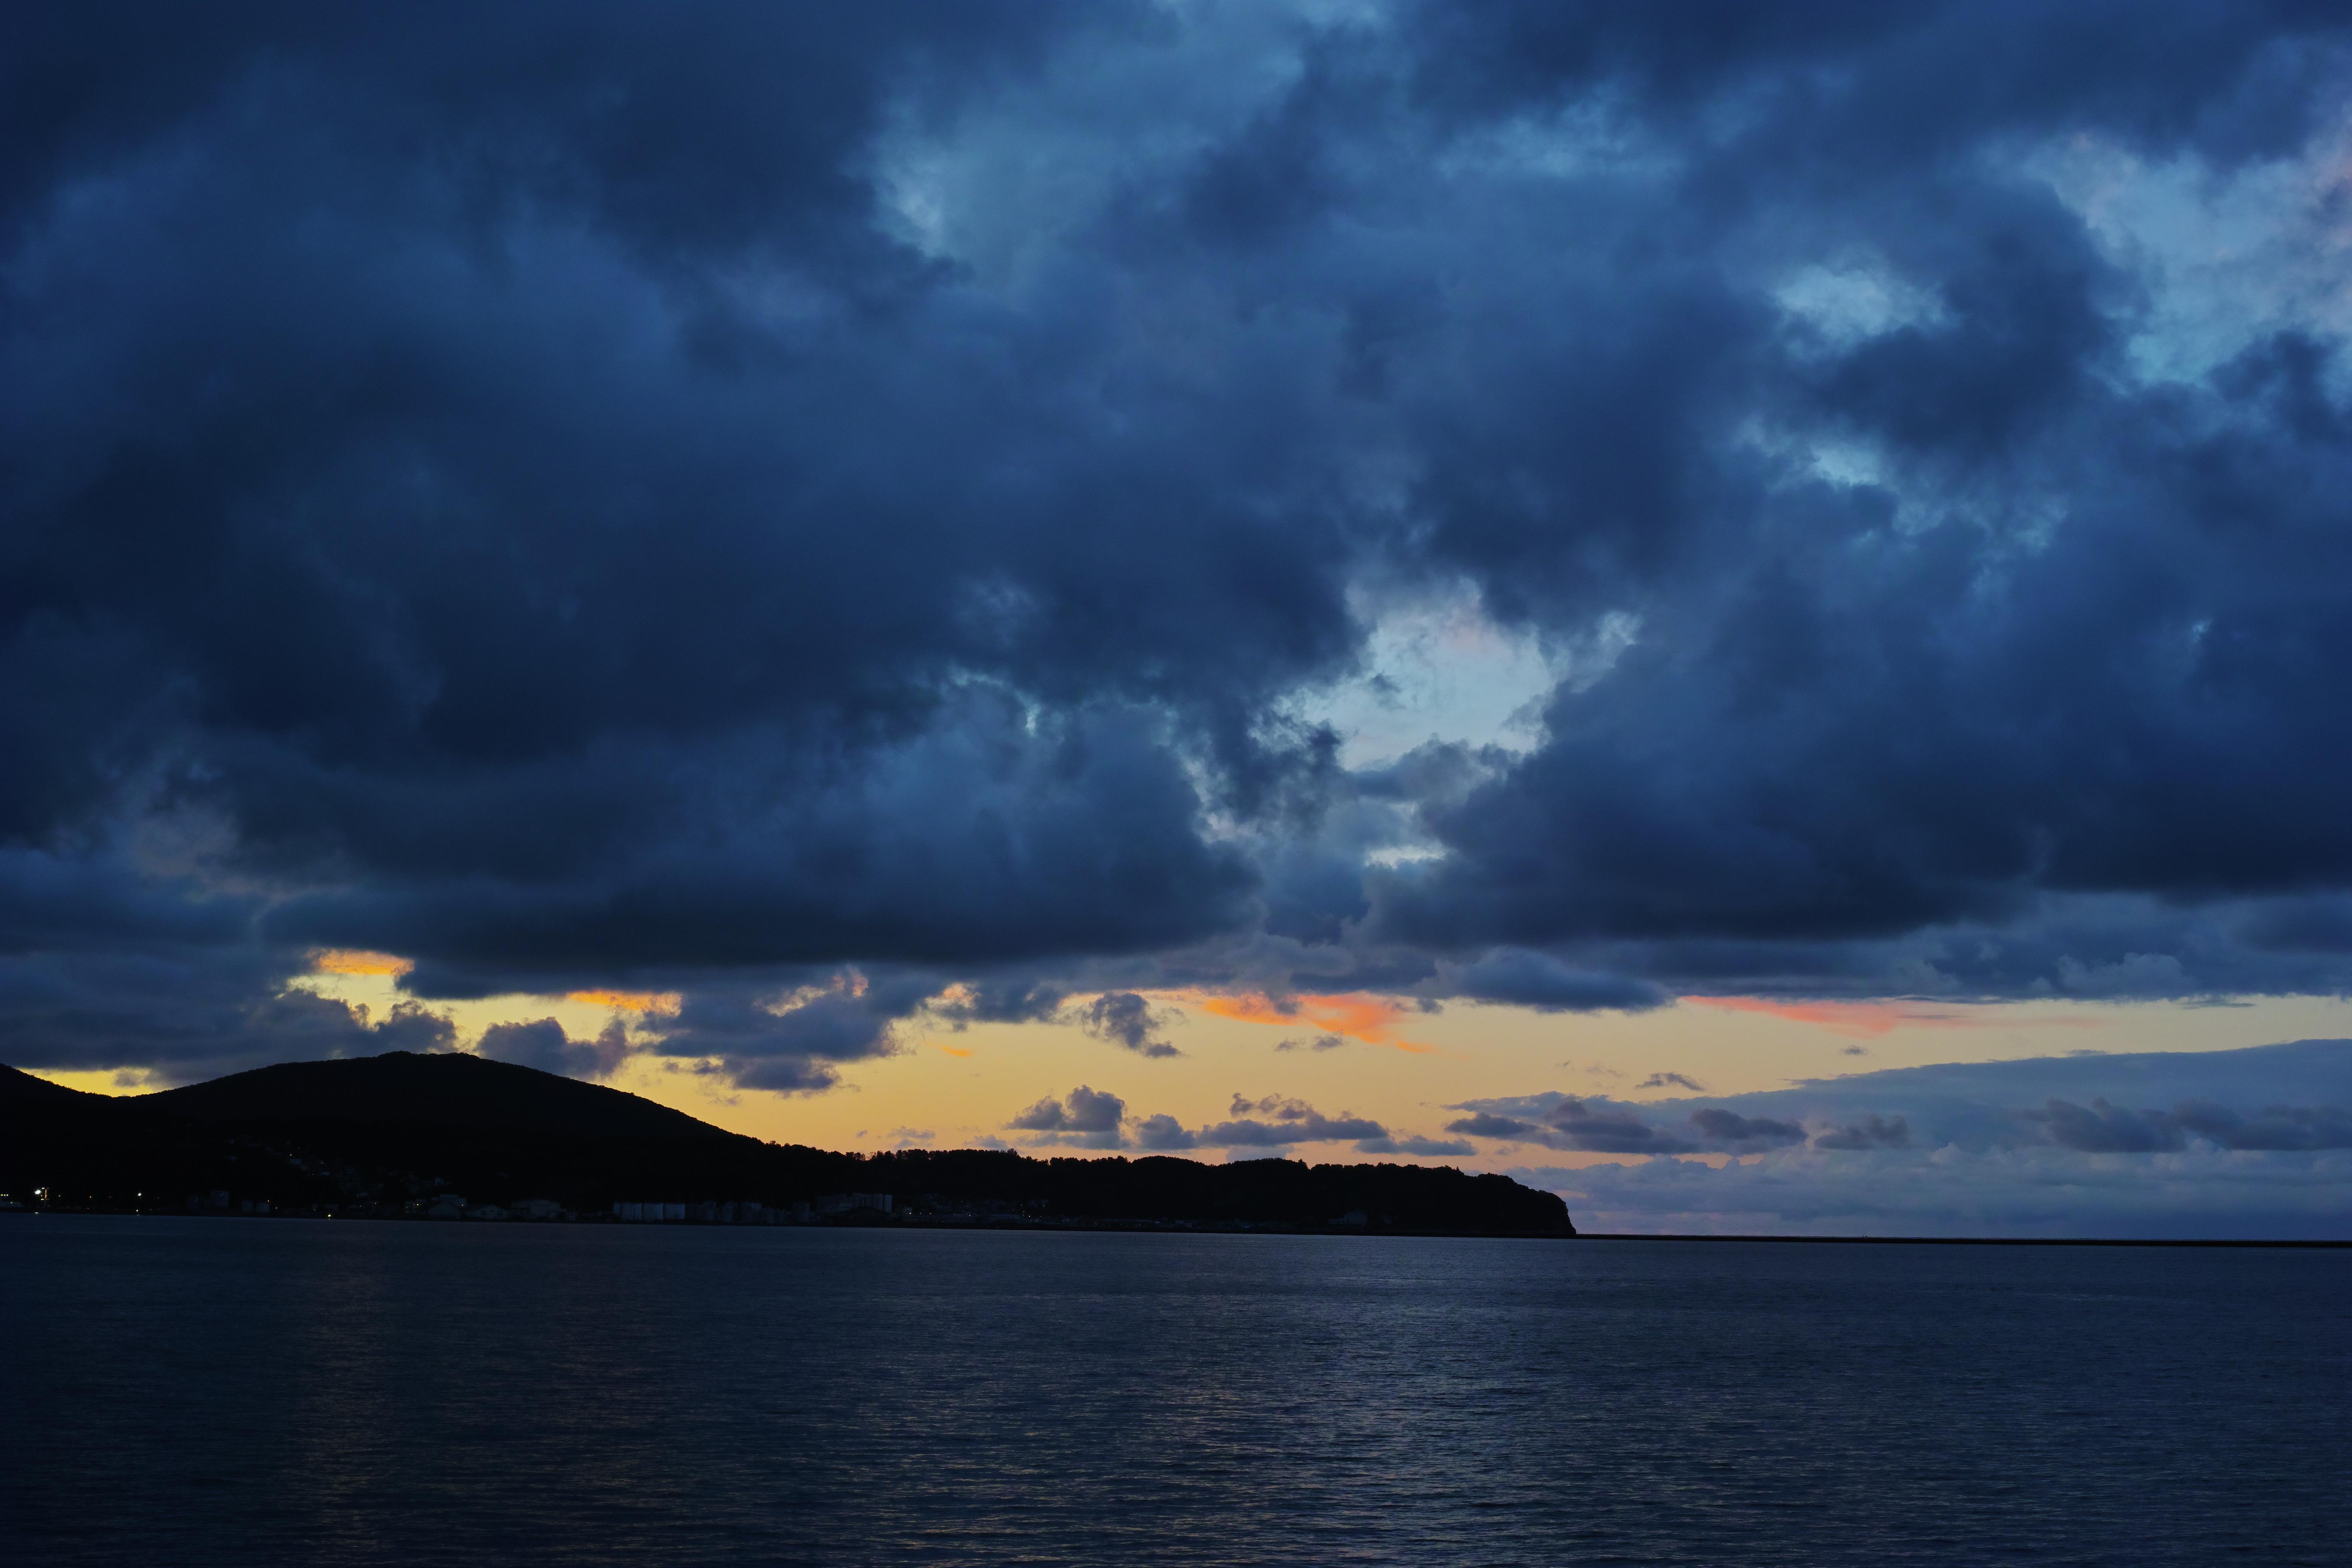 雲間から覗く夕陽。夕闇迫るブルーな世界とぽっかりと空いたオレンジ色の夕焼けの深く濃い色合いが郷愁を呼び覚ます。ISO100 / F5.6 / 1/15秒